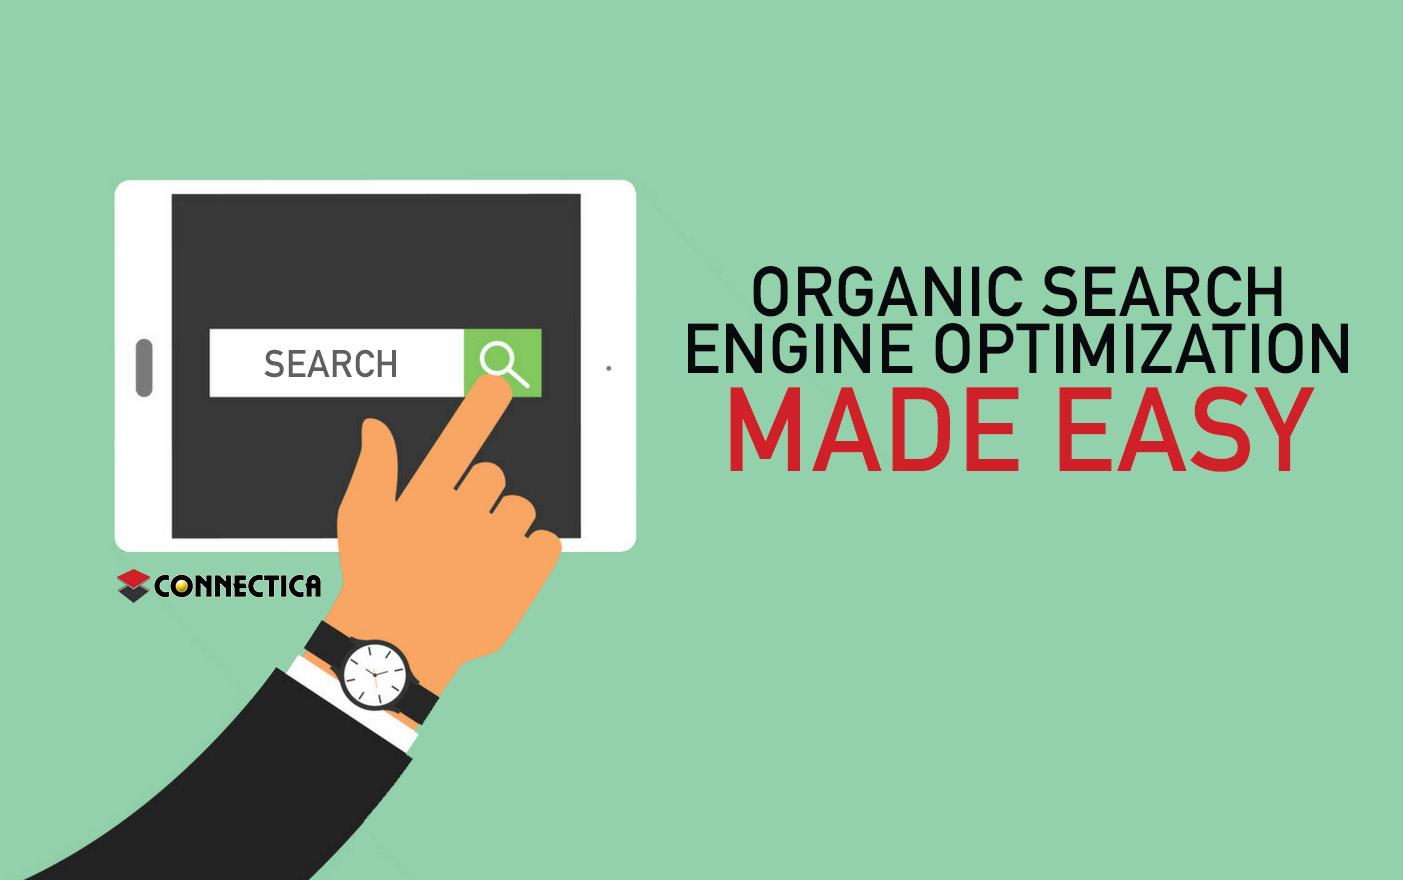 organic search engine optimization